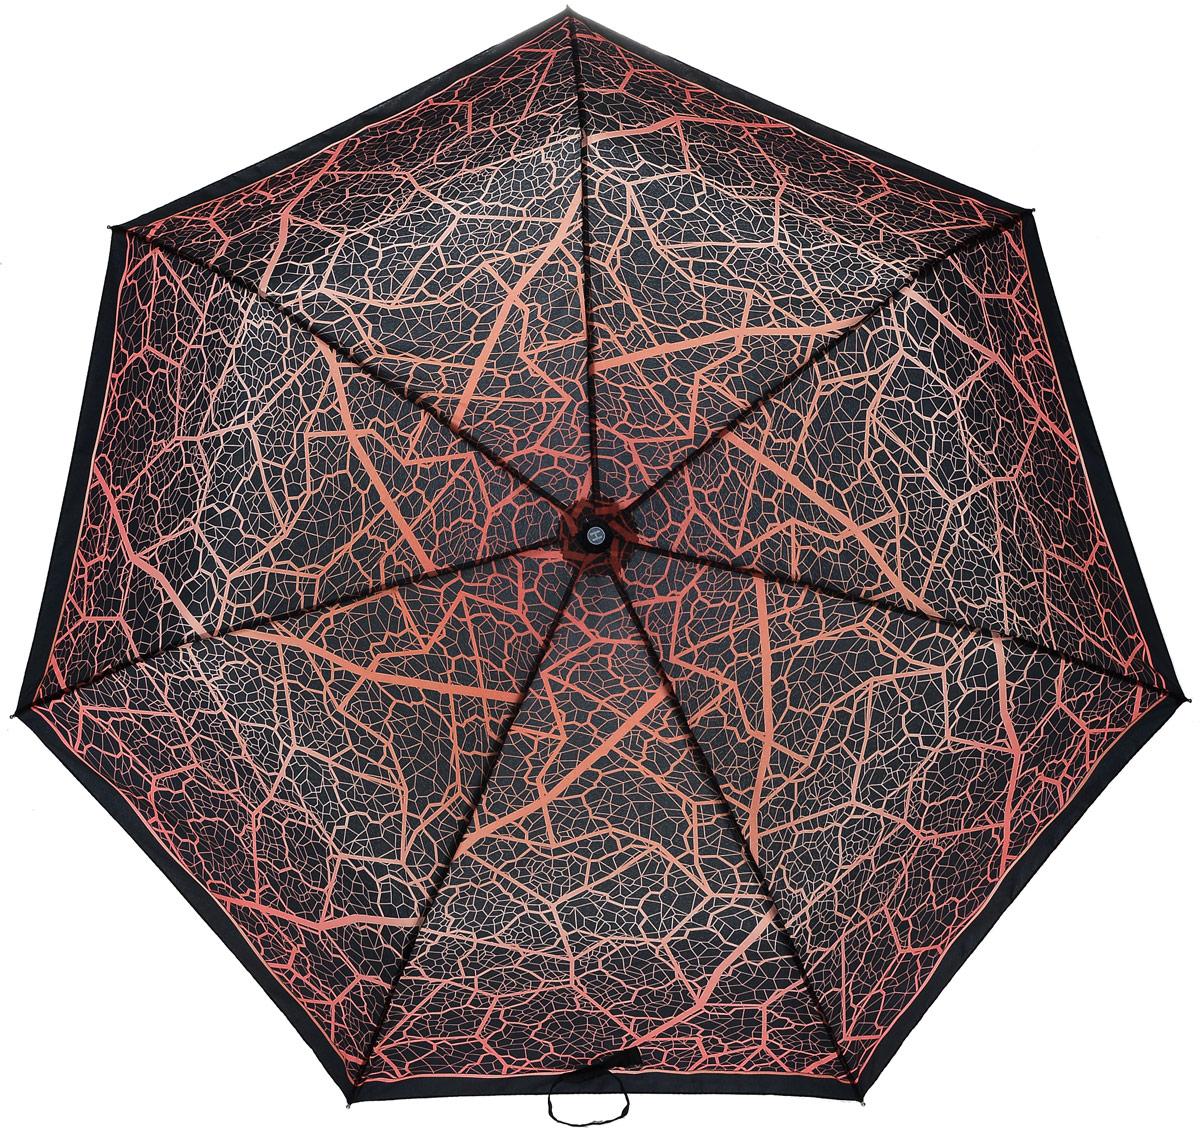 Зонт женский Henry Backer, 3 сложения, цвет: оранжевый. U26202 DesertU26202 DesertЖенский зонт «Пустыня» с куполом практичного цвета, автомат Зонт достаточно легок для автоматов благодаря использованию наряду со сталью алюминия и фибергласса, конструкция каркаса ветроустойчивая, рукоятка выполнена из нескользящего материала.